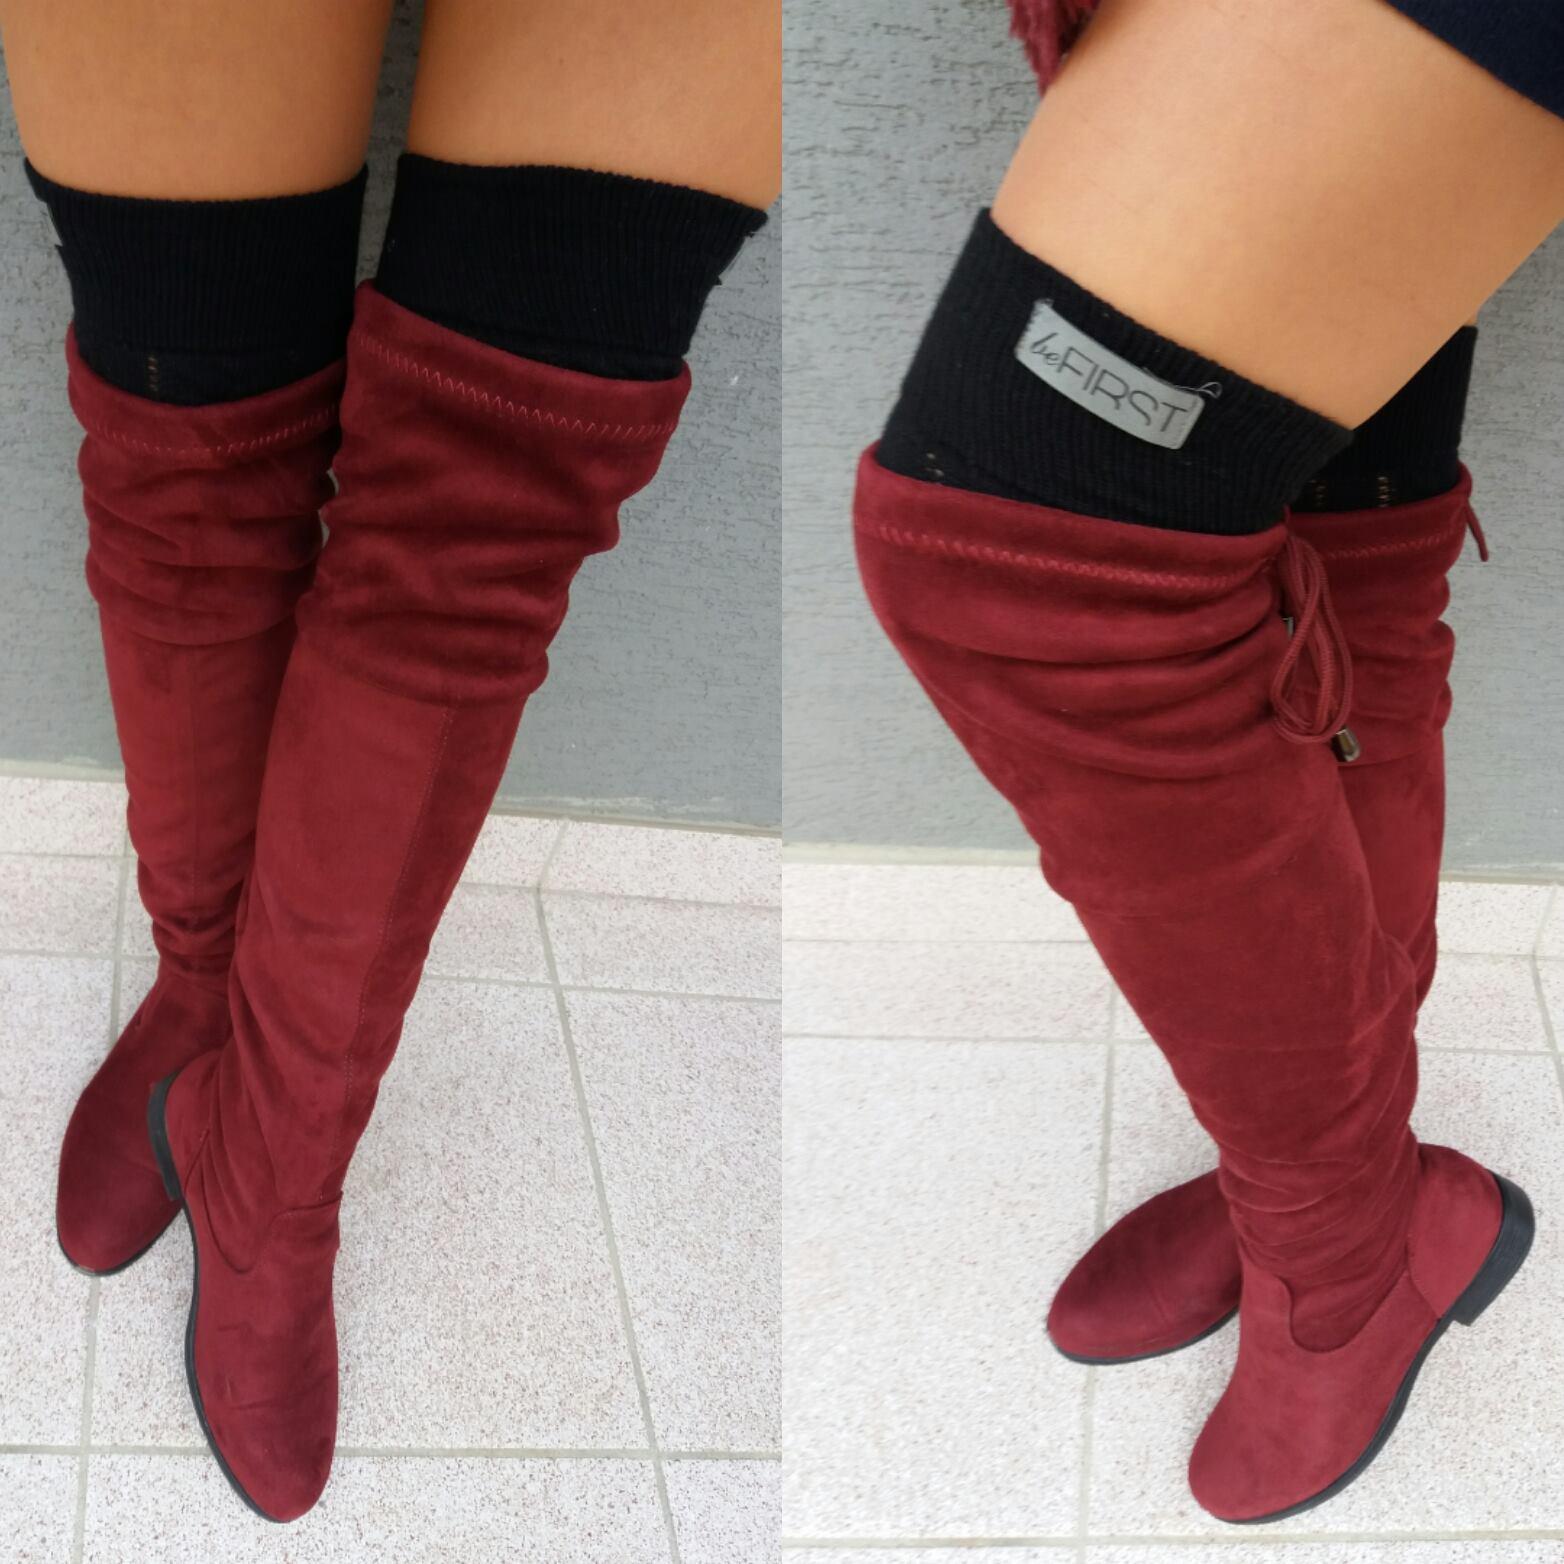 d3cbe5b23 Bordové semišové čižmy nad kolená. | Meggie Fashion / Nadčasová móda ...